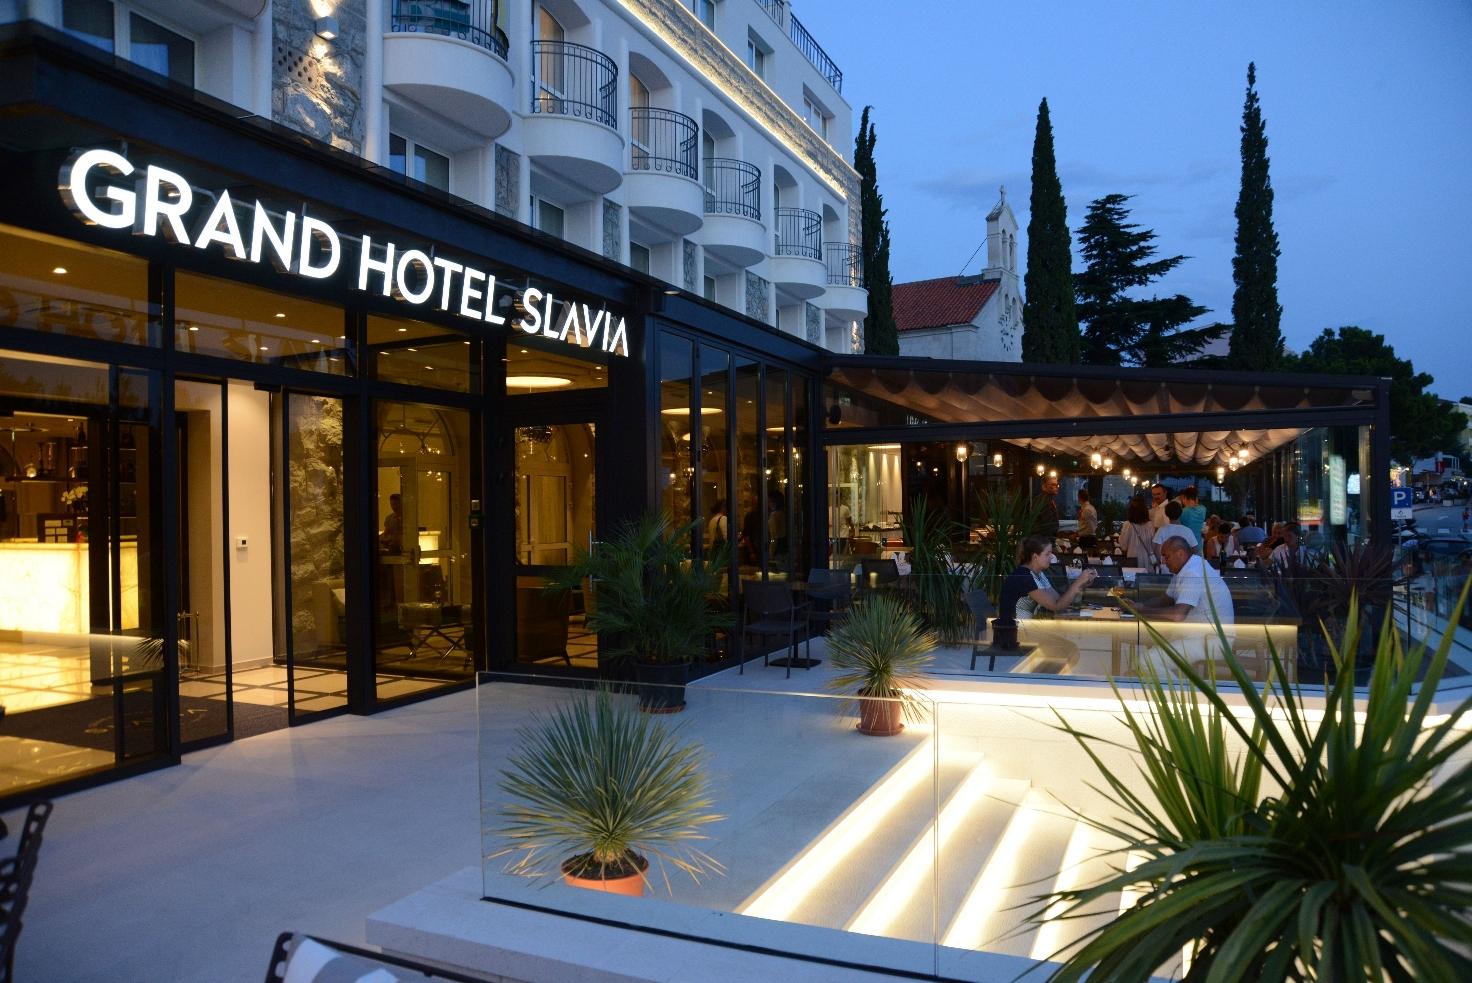 Grand hotel Slavia 3